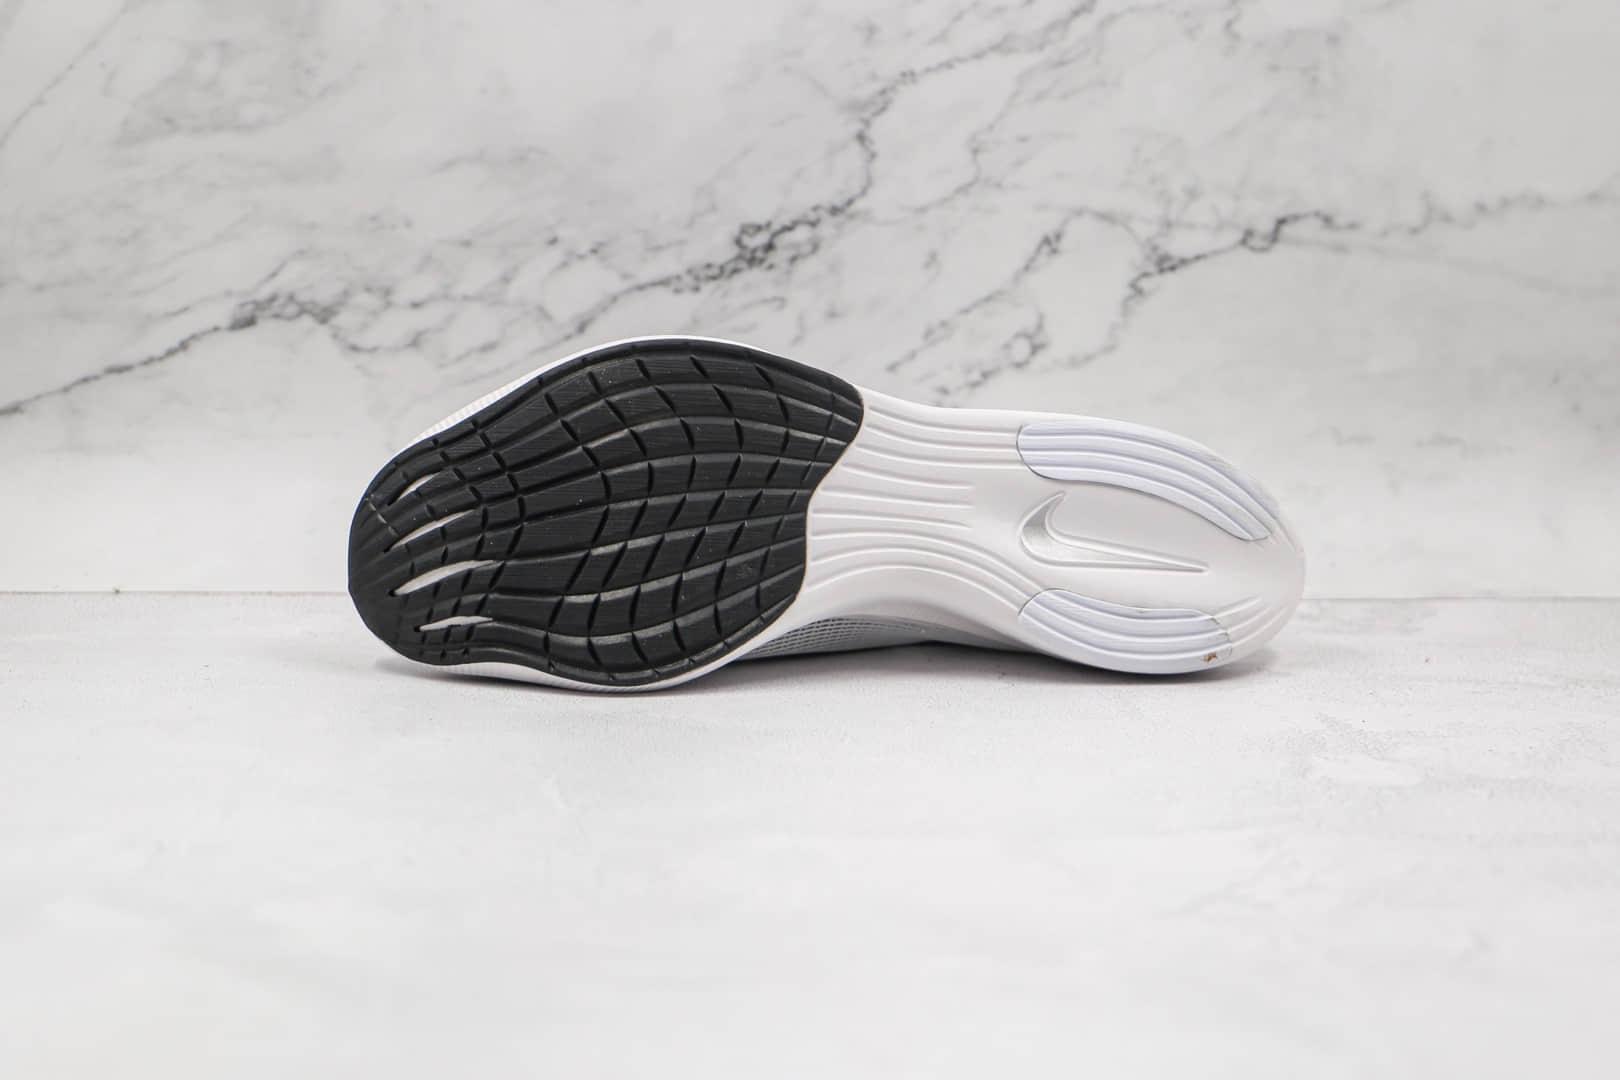 耐克Nike ZoomX Vaporfly Next%纯原版本白银色Next%半透明网纱跑步鞋原楦头纸板打造 货号:CU4123-100